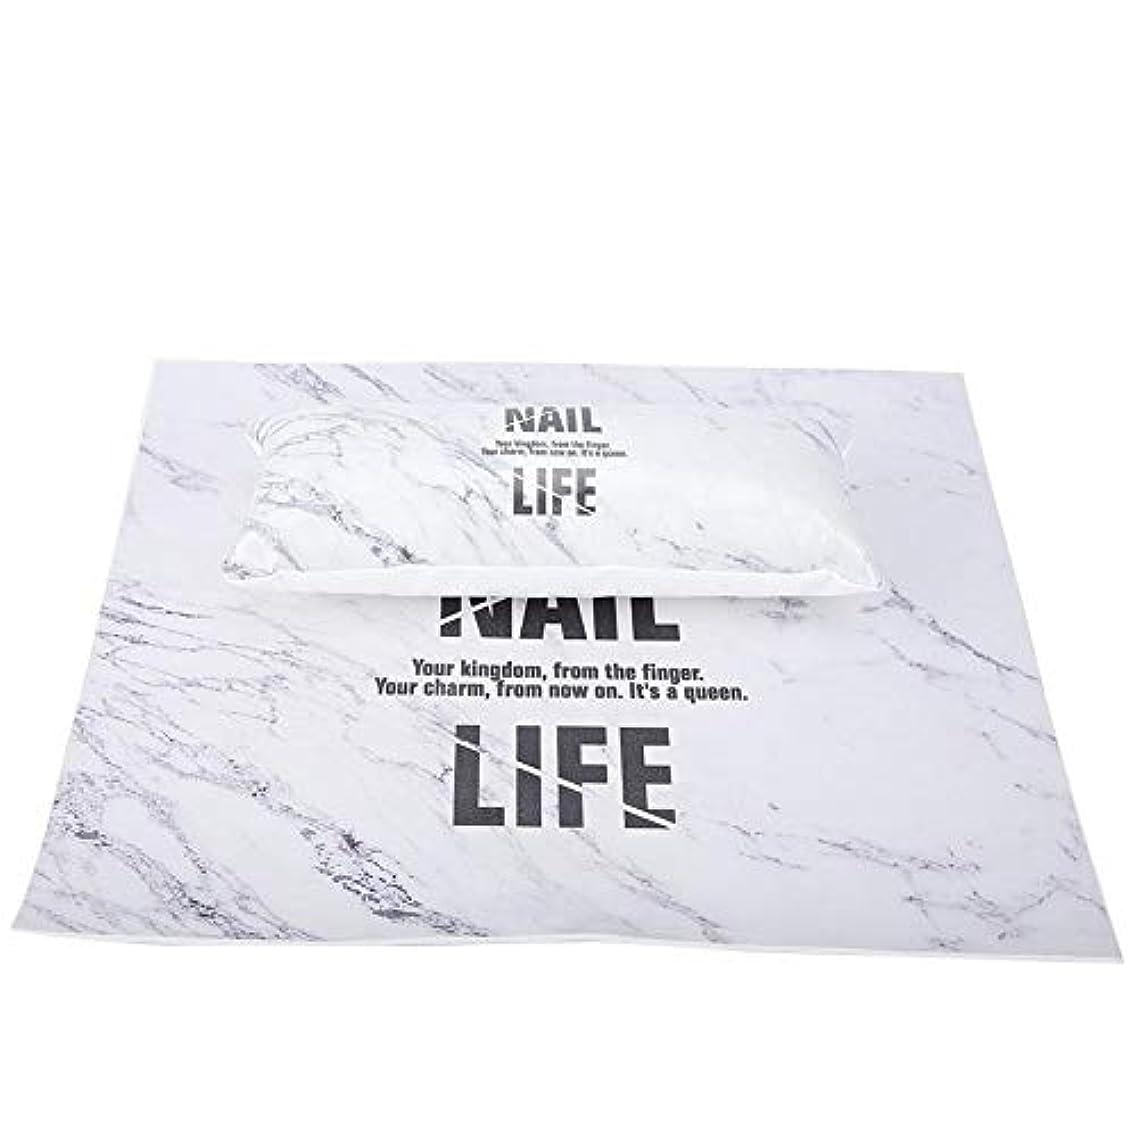 それに応じて貯水池稼ぐ洗えるマニキュアテーブルマット、ネイルアートハンドピロー(大理石)